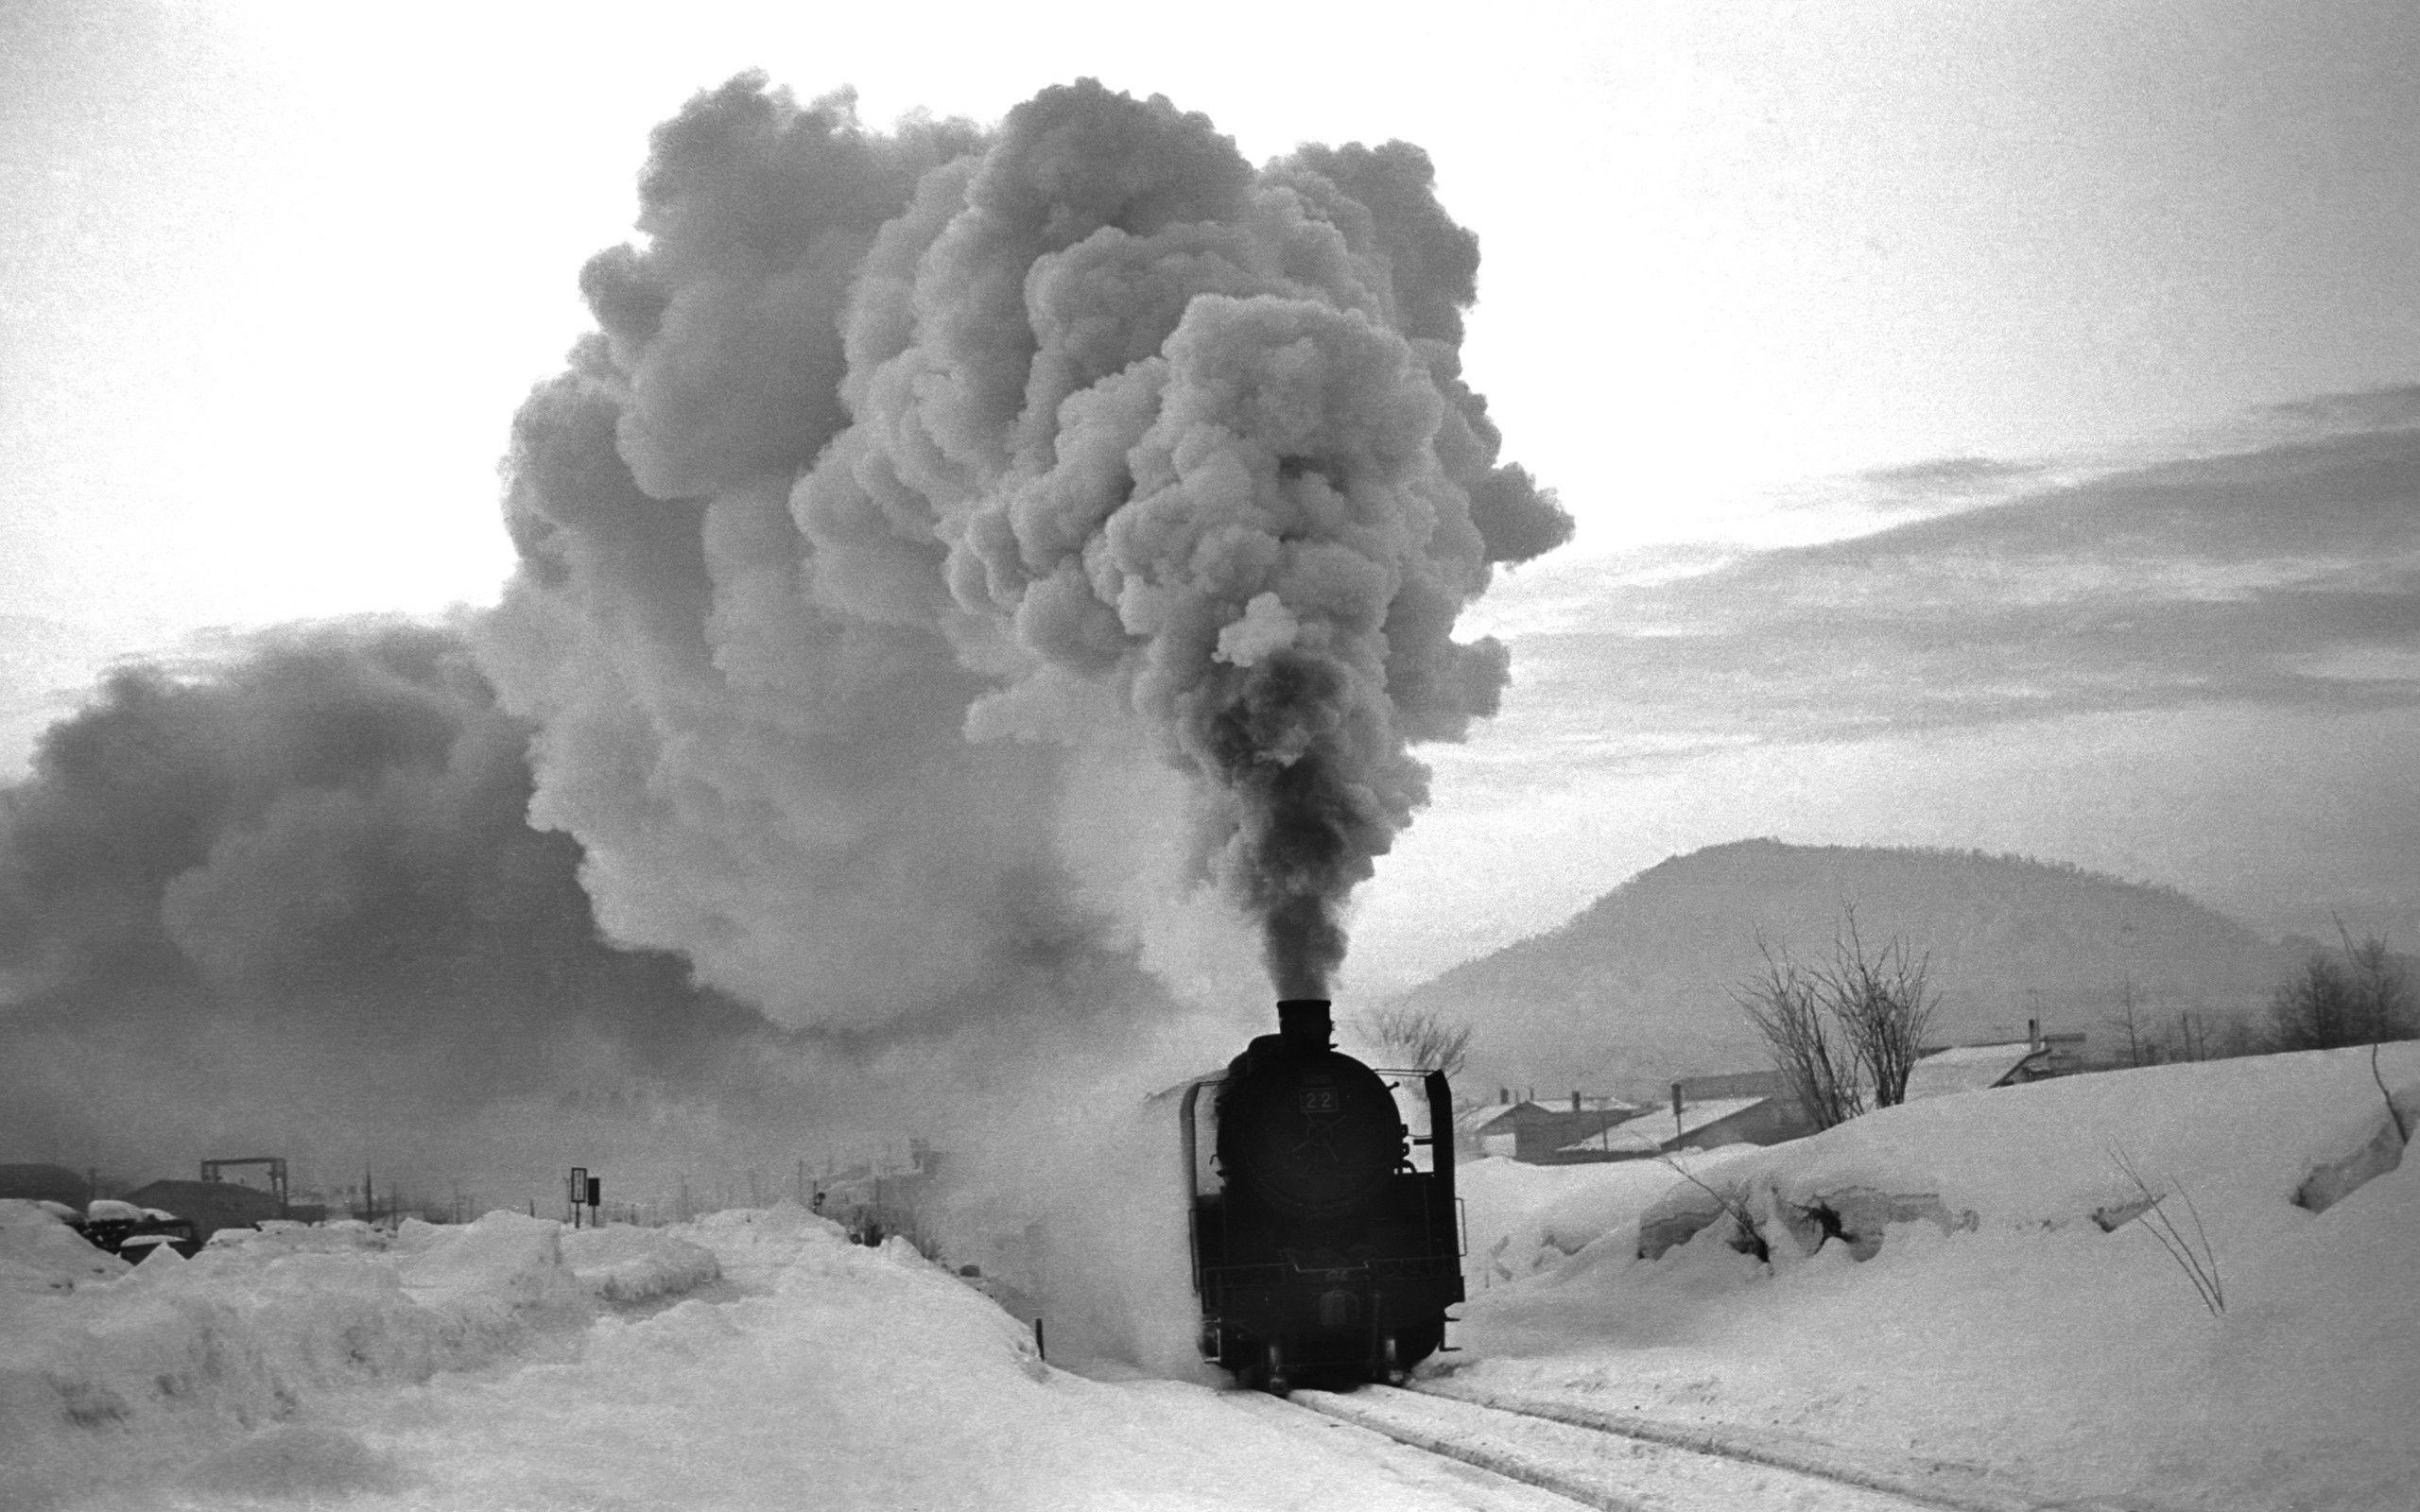 Train in the snow wallpaper